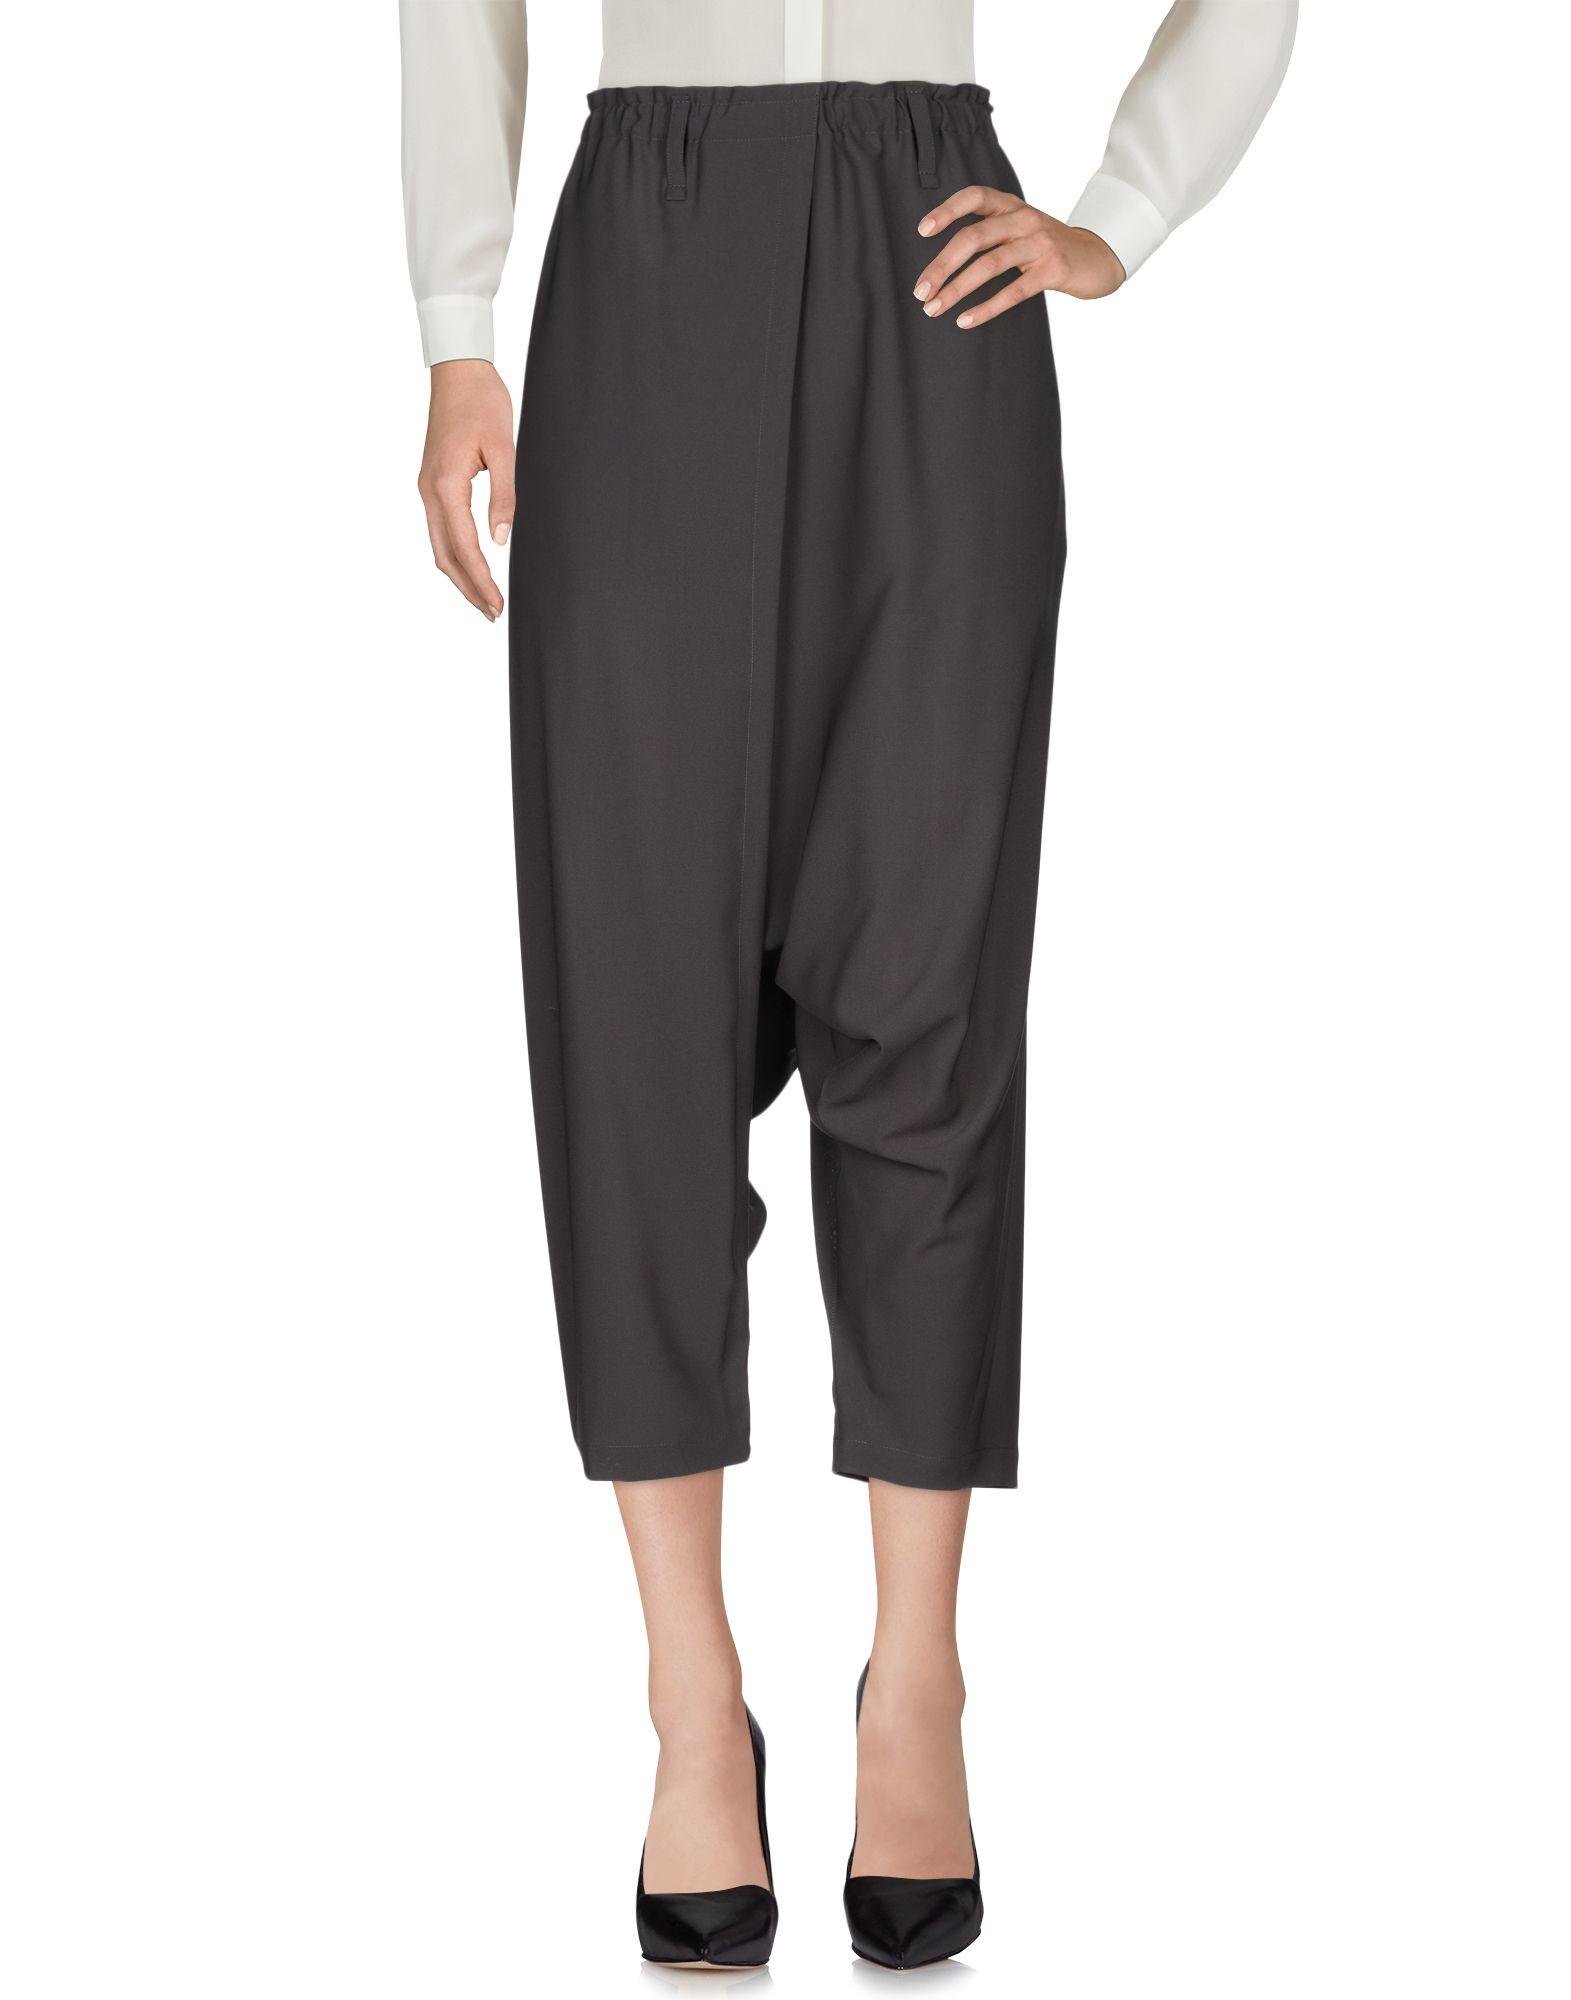 ISSEY MIYAKE Повседневные брюки карлос ткань йога брюки дамы открытый спорт работает плотно эластичный фитнес танца брюки cp13507 серый l код